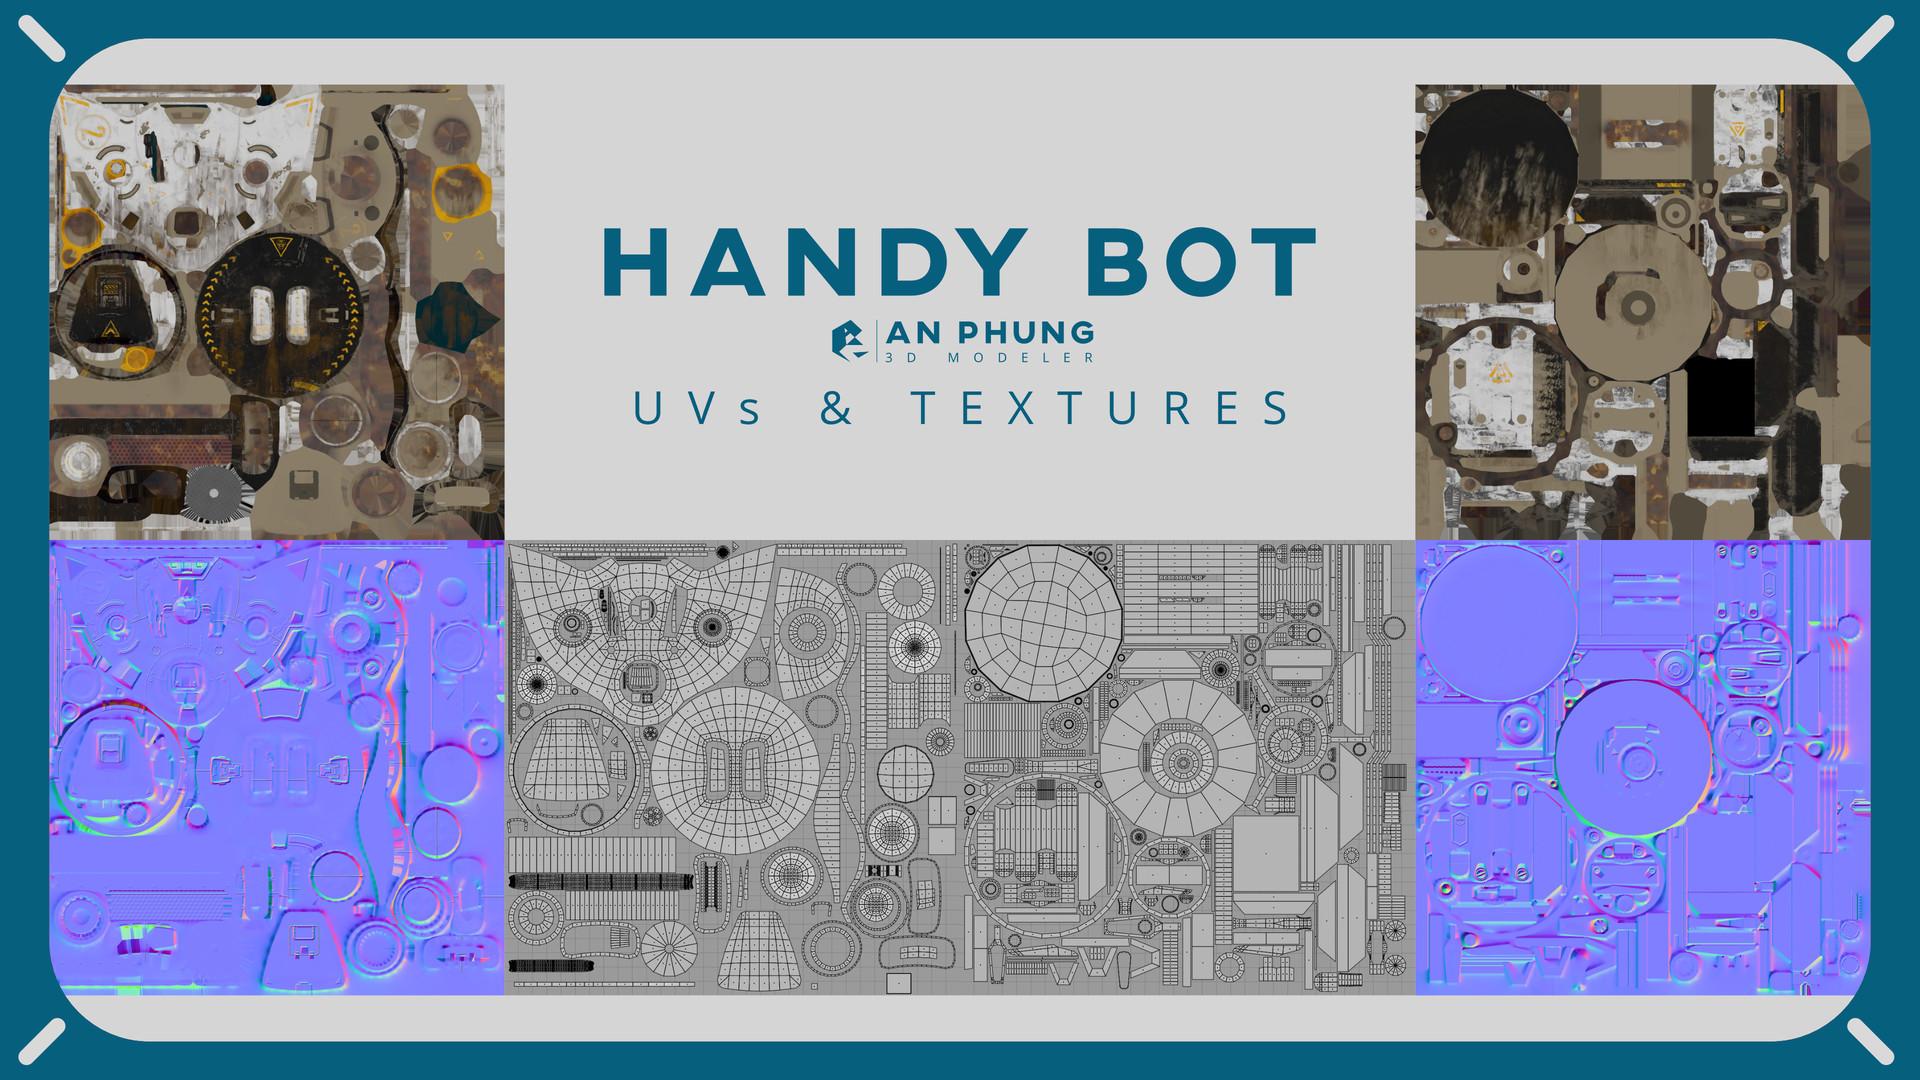 An phung phung handybot uvs textures